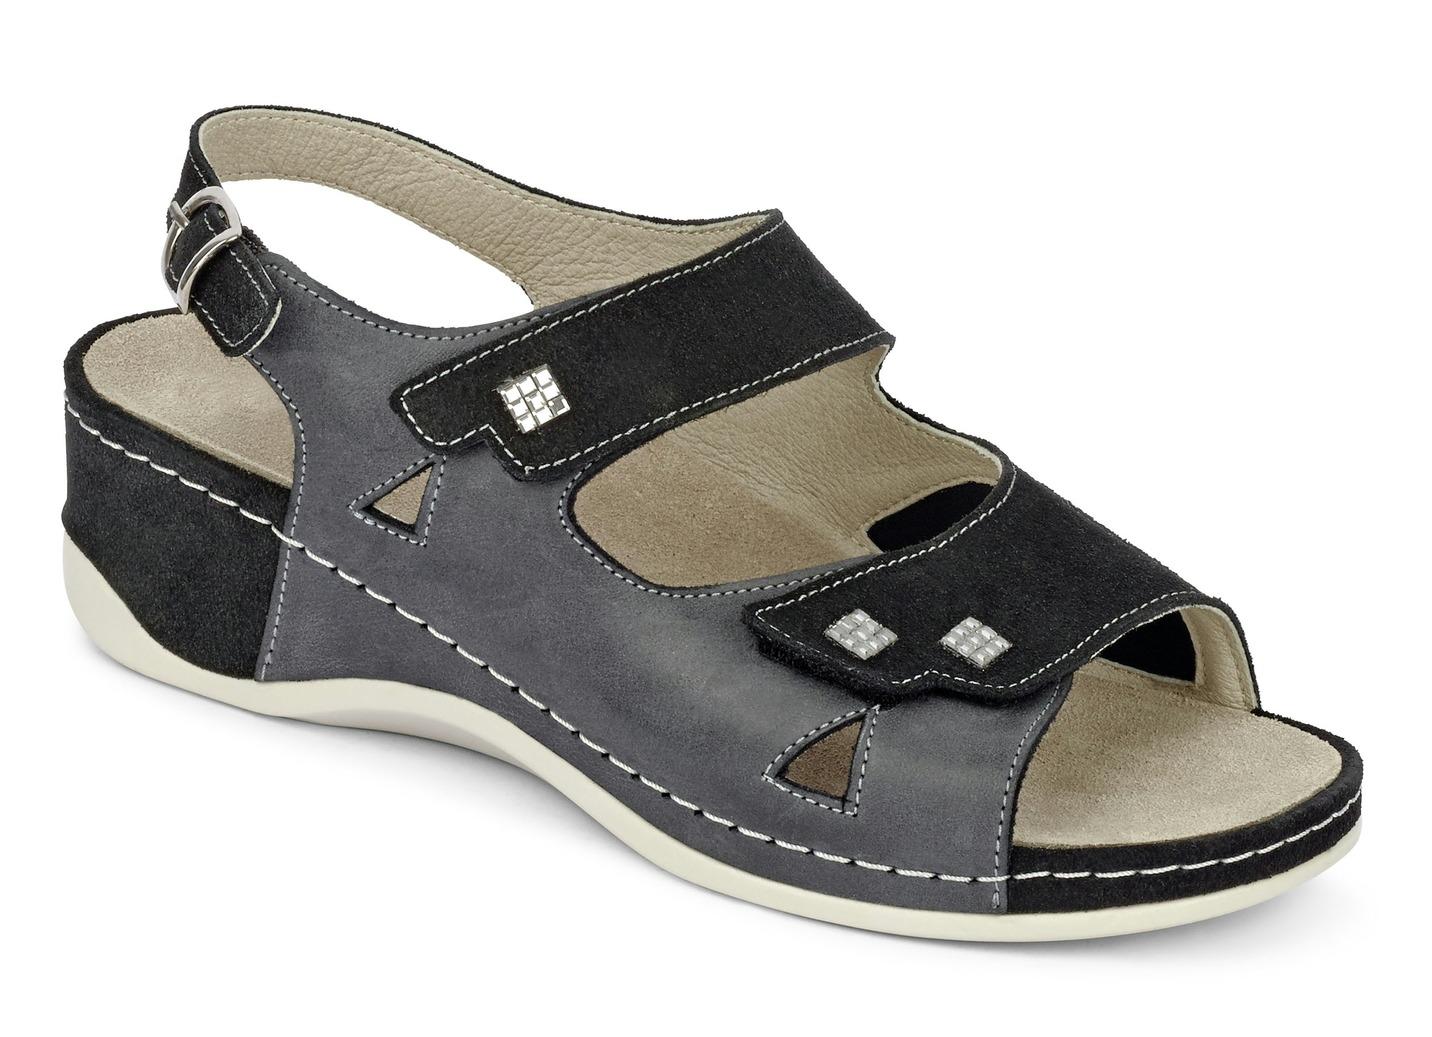 Sandalette  mit herausnehmbarem Lederfußbett Weite H Schwarz-Anthrazit Größe 36 Damen Preisvergleich